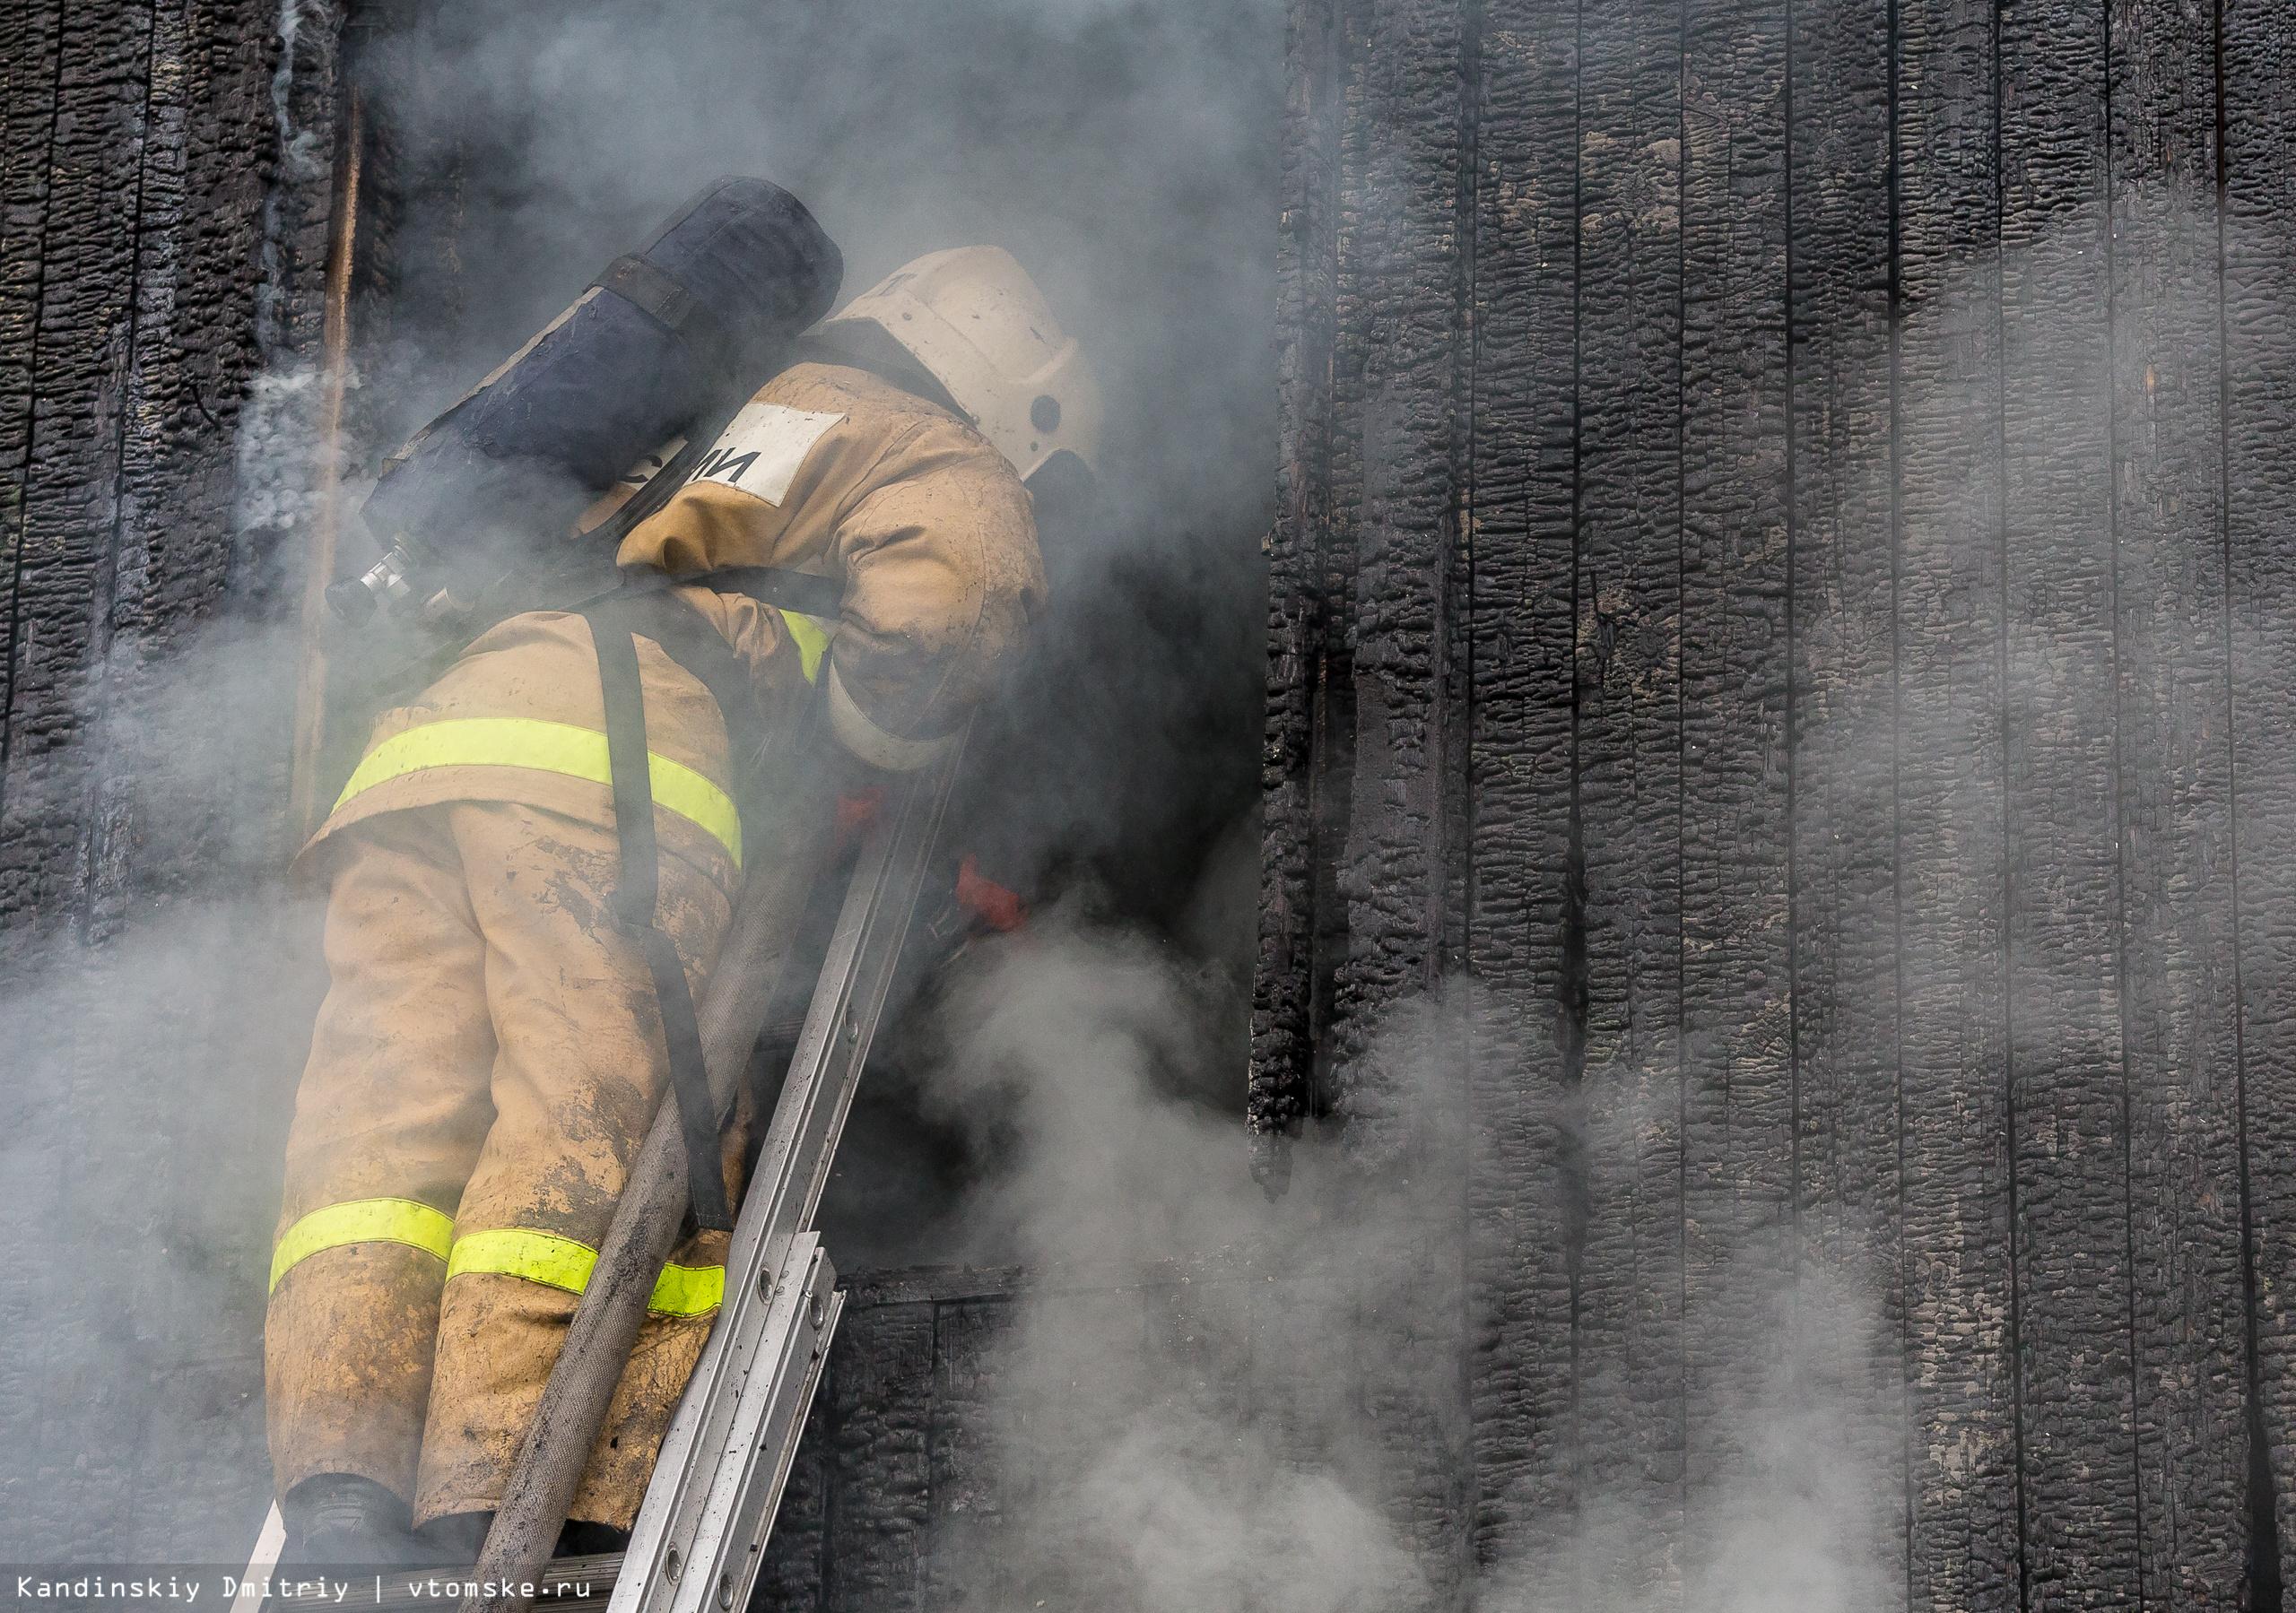 Деревянный дом сильно пострадал во время пожара в Томске